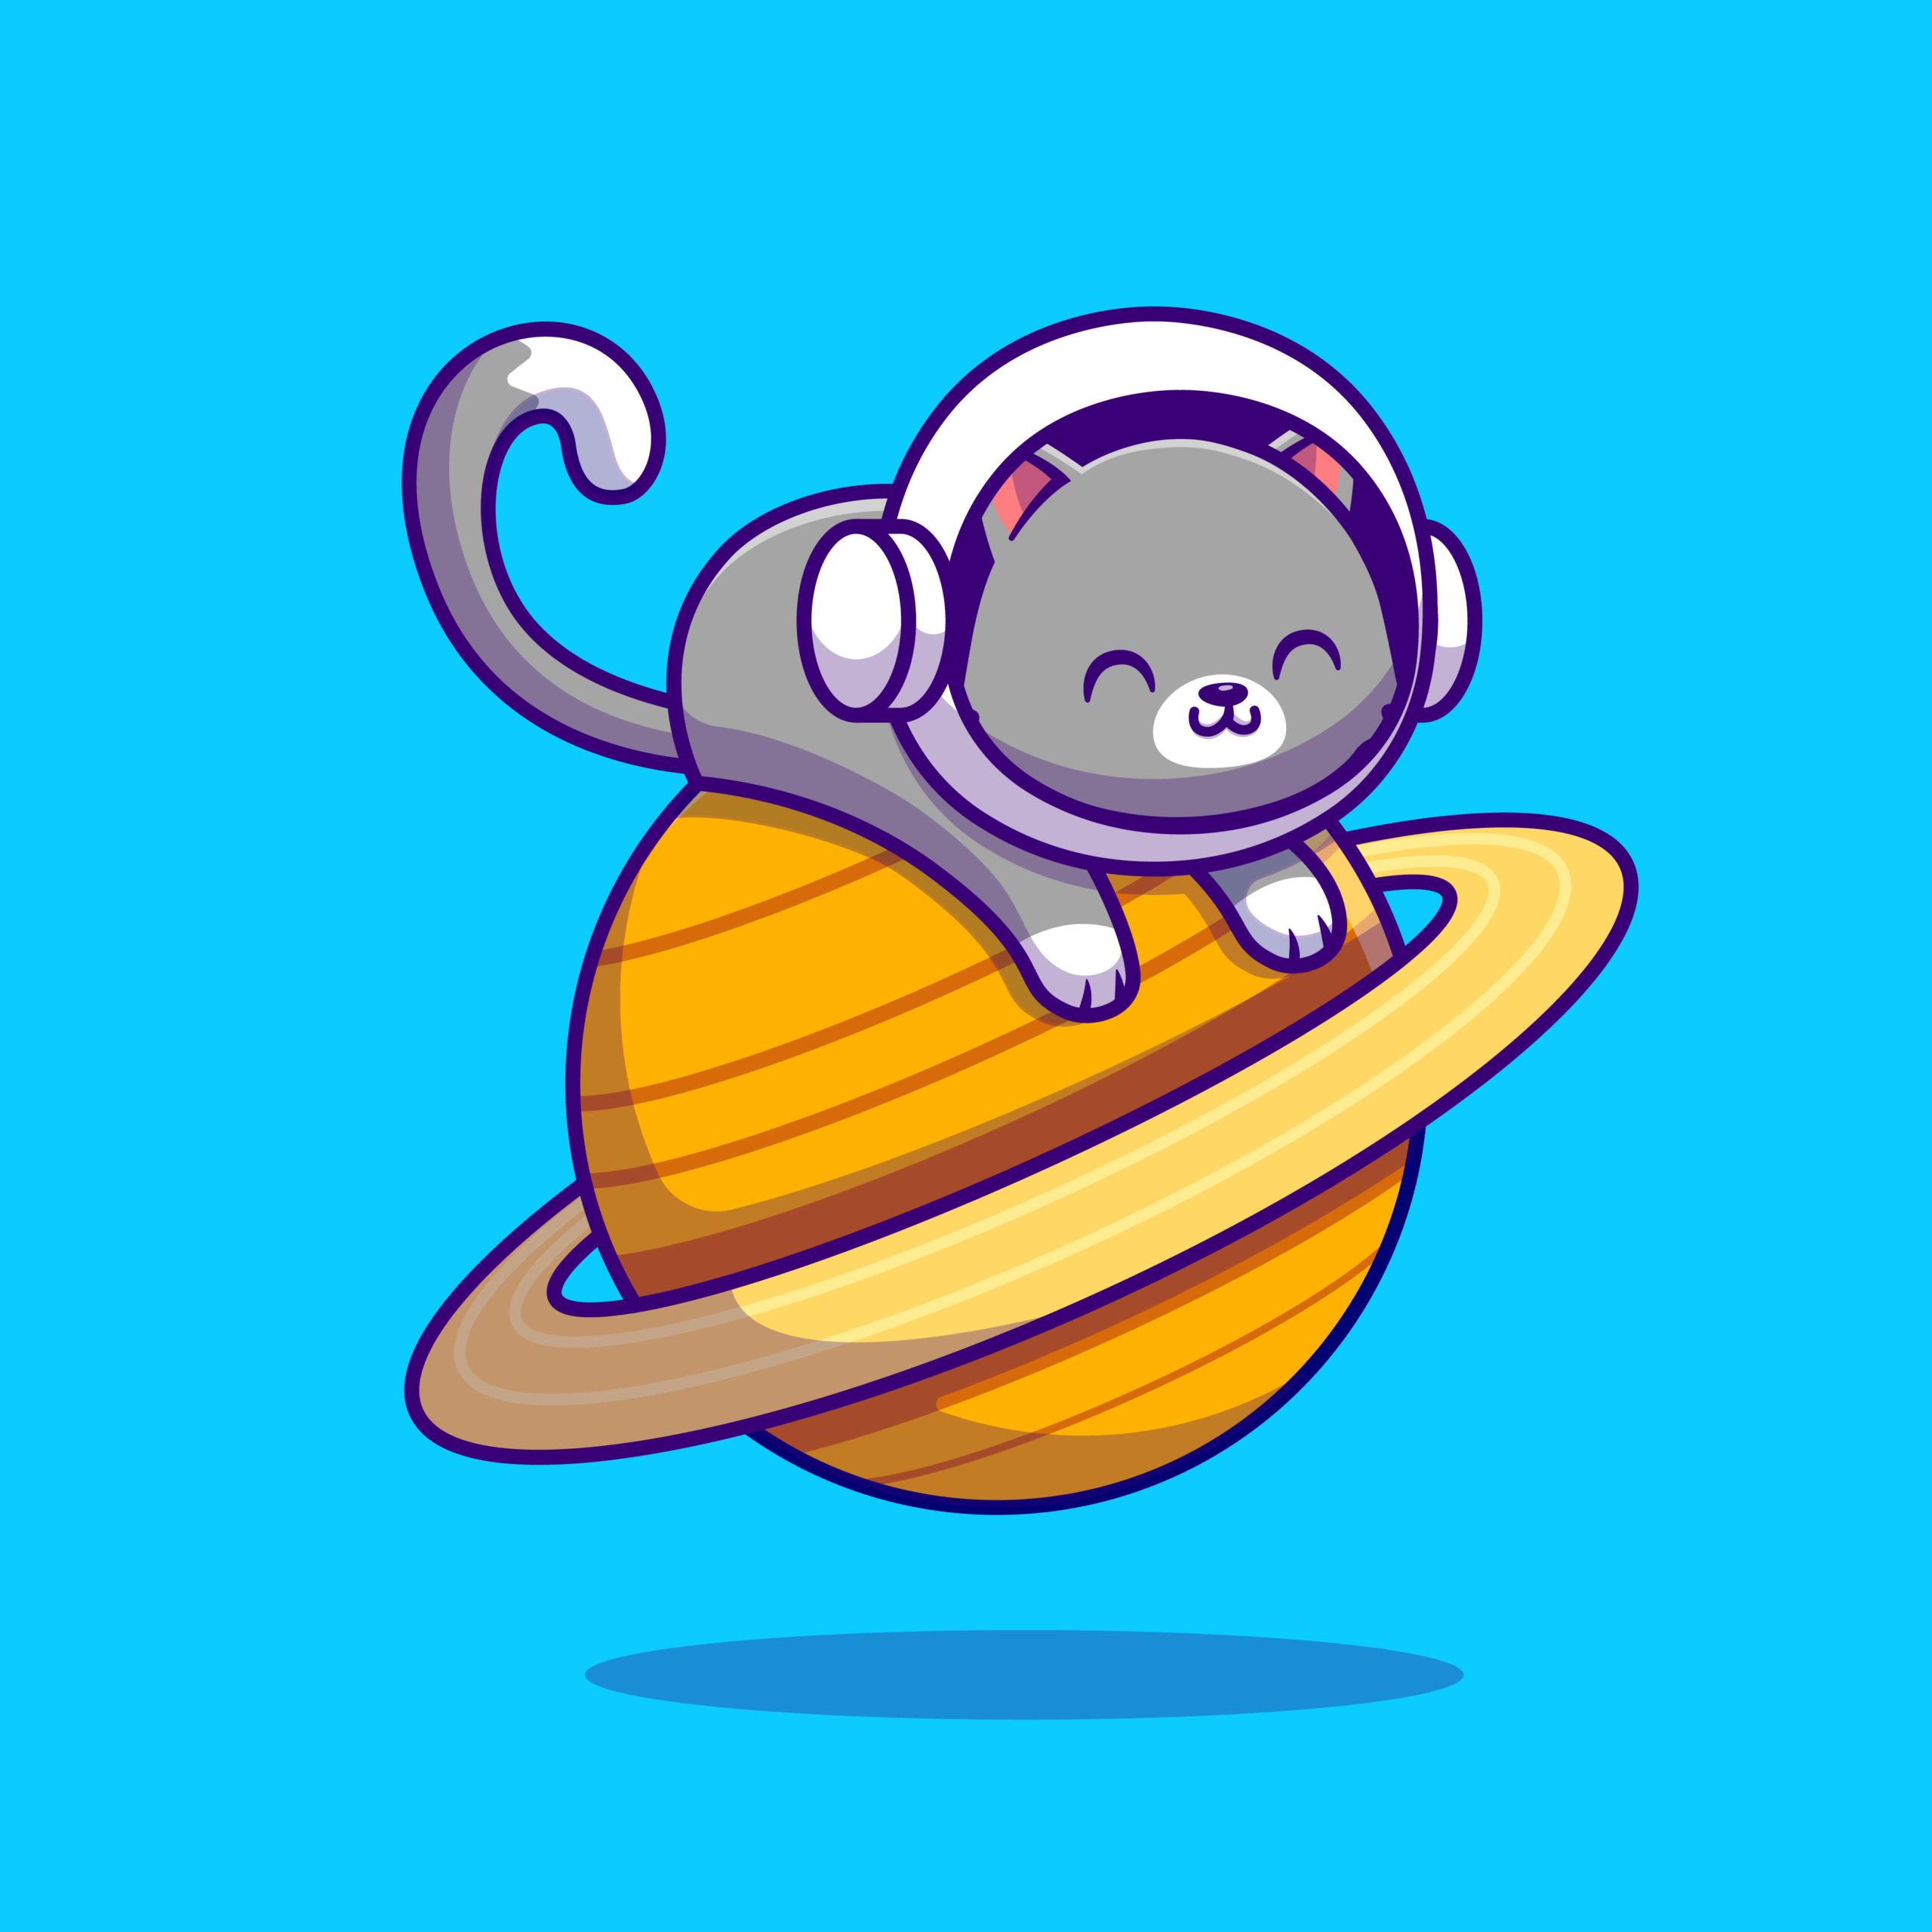 惑星に横たわっているかわいい宇宙飛行士の猫